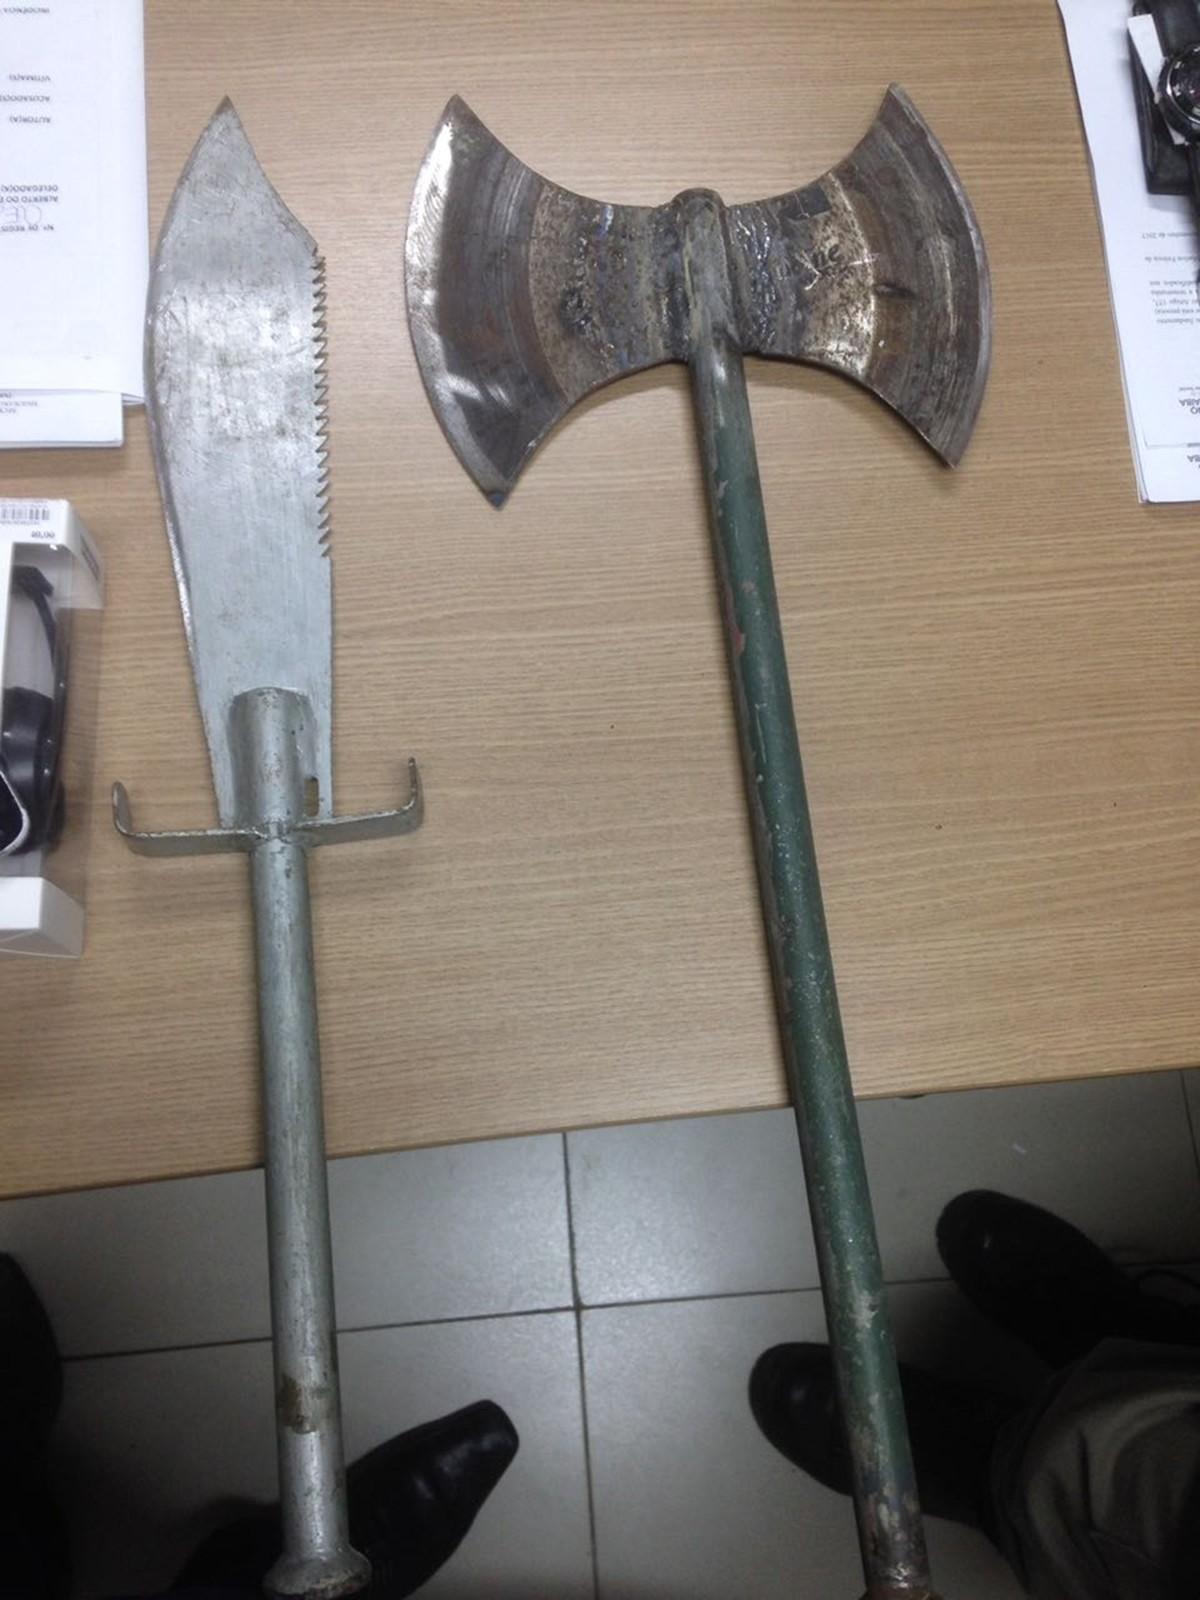 Espada e machado artesanais são apreendidos em carro de suspeitos de assalto em João Pessoa